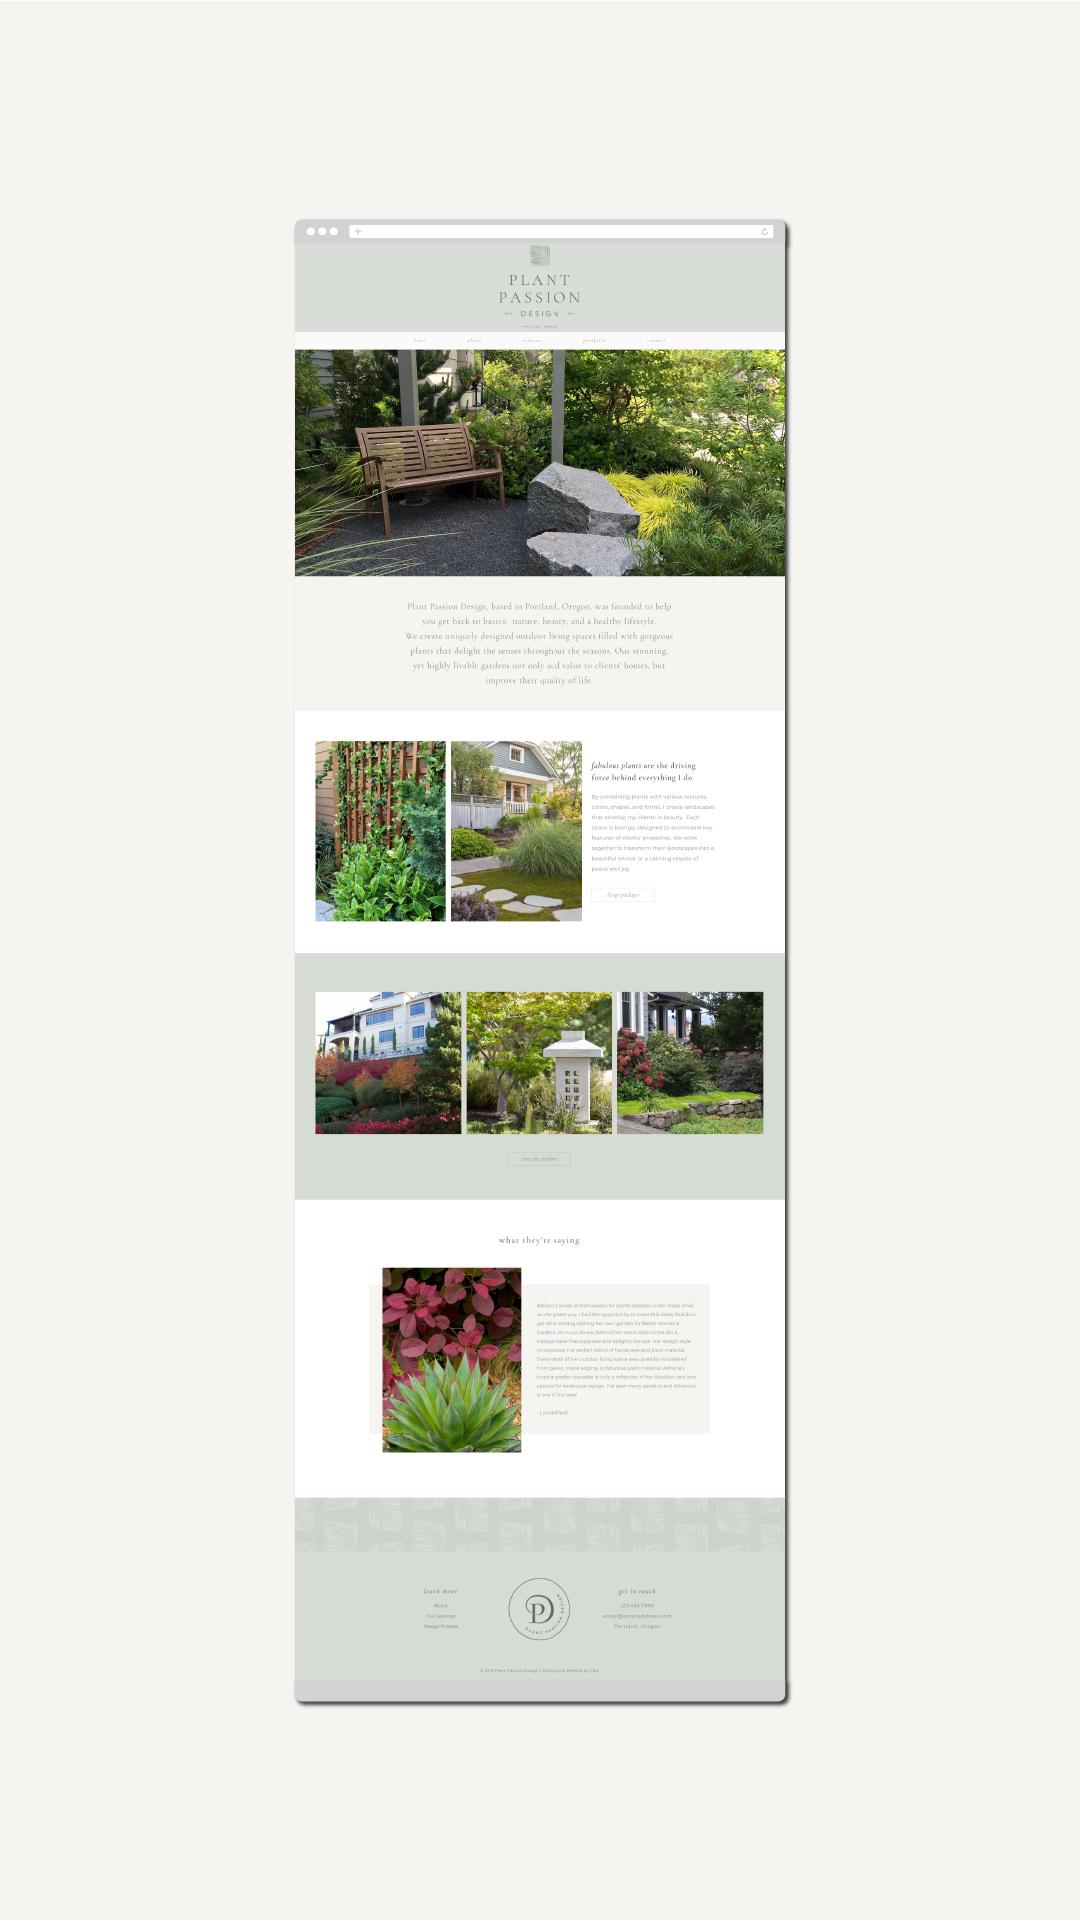 Website Design Concept For A Landscape Designer Branding And Web Design By Charlie Ava Designs Custom Website Design Graphic Design Studios Website Design